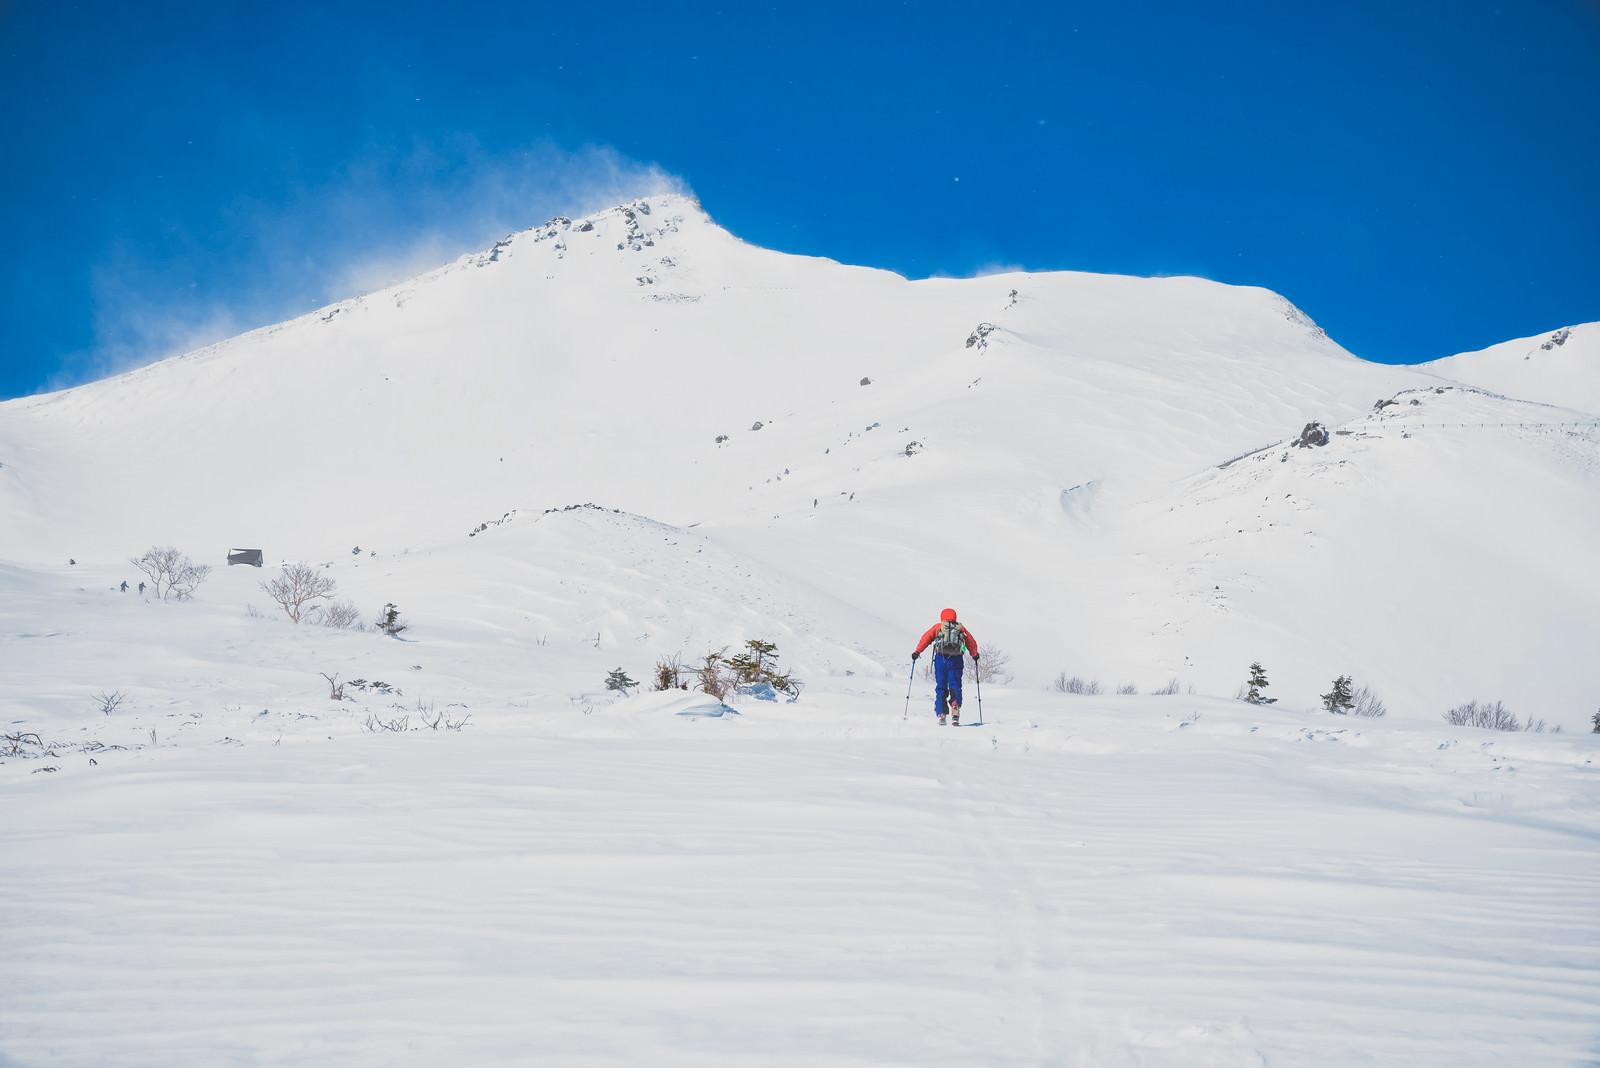 「摩利支天岳(乗鞍)に向かうバックカントリースキーヤー」の写真